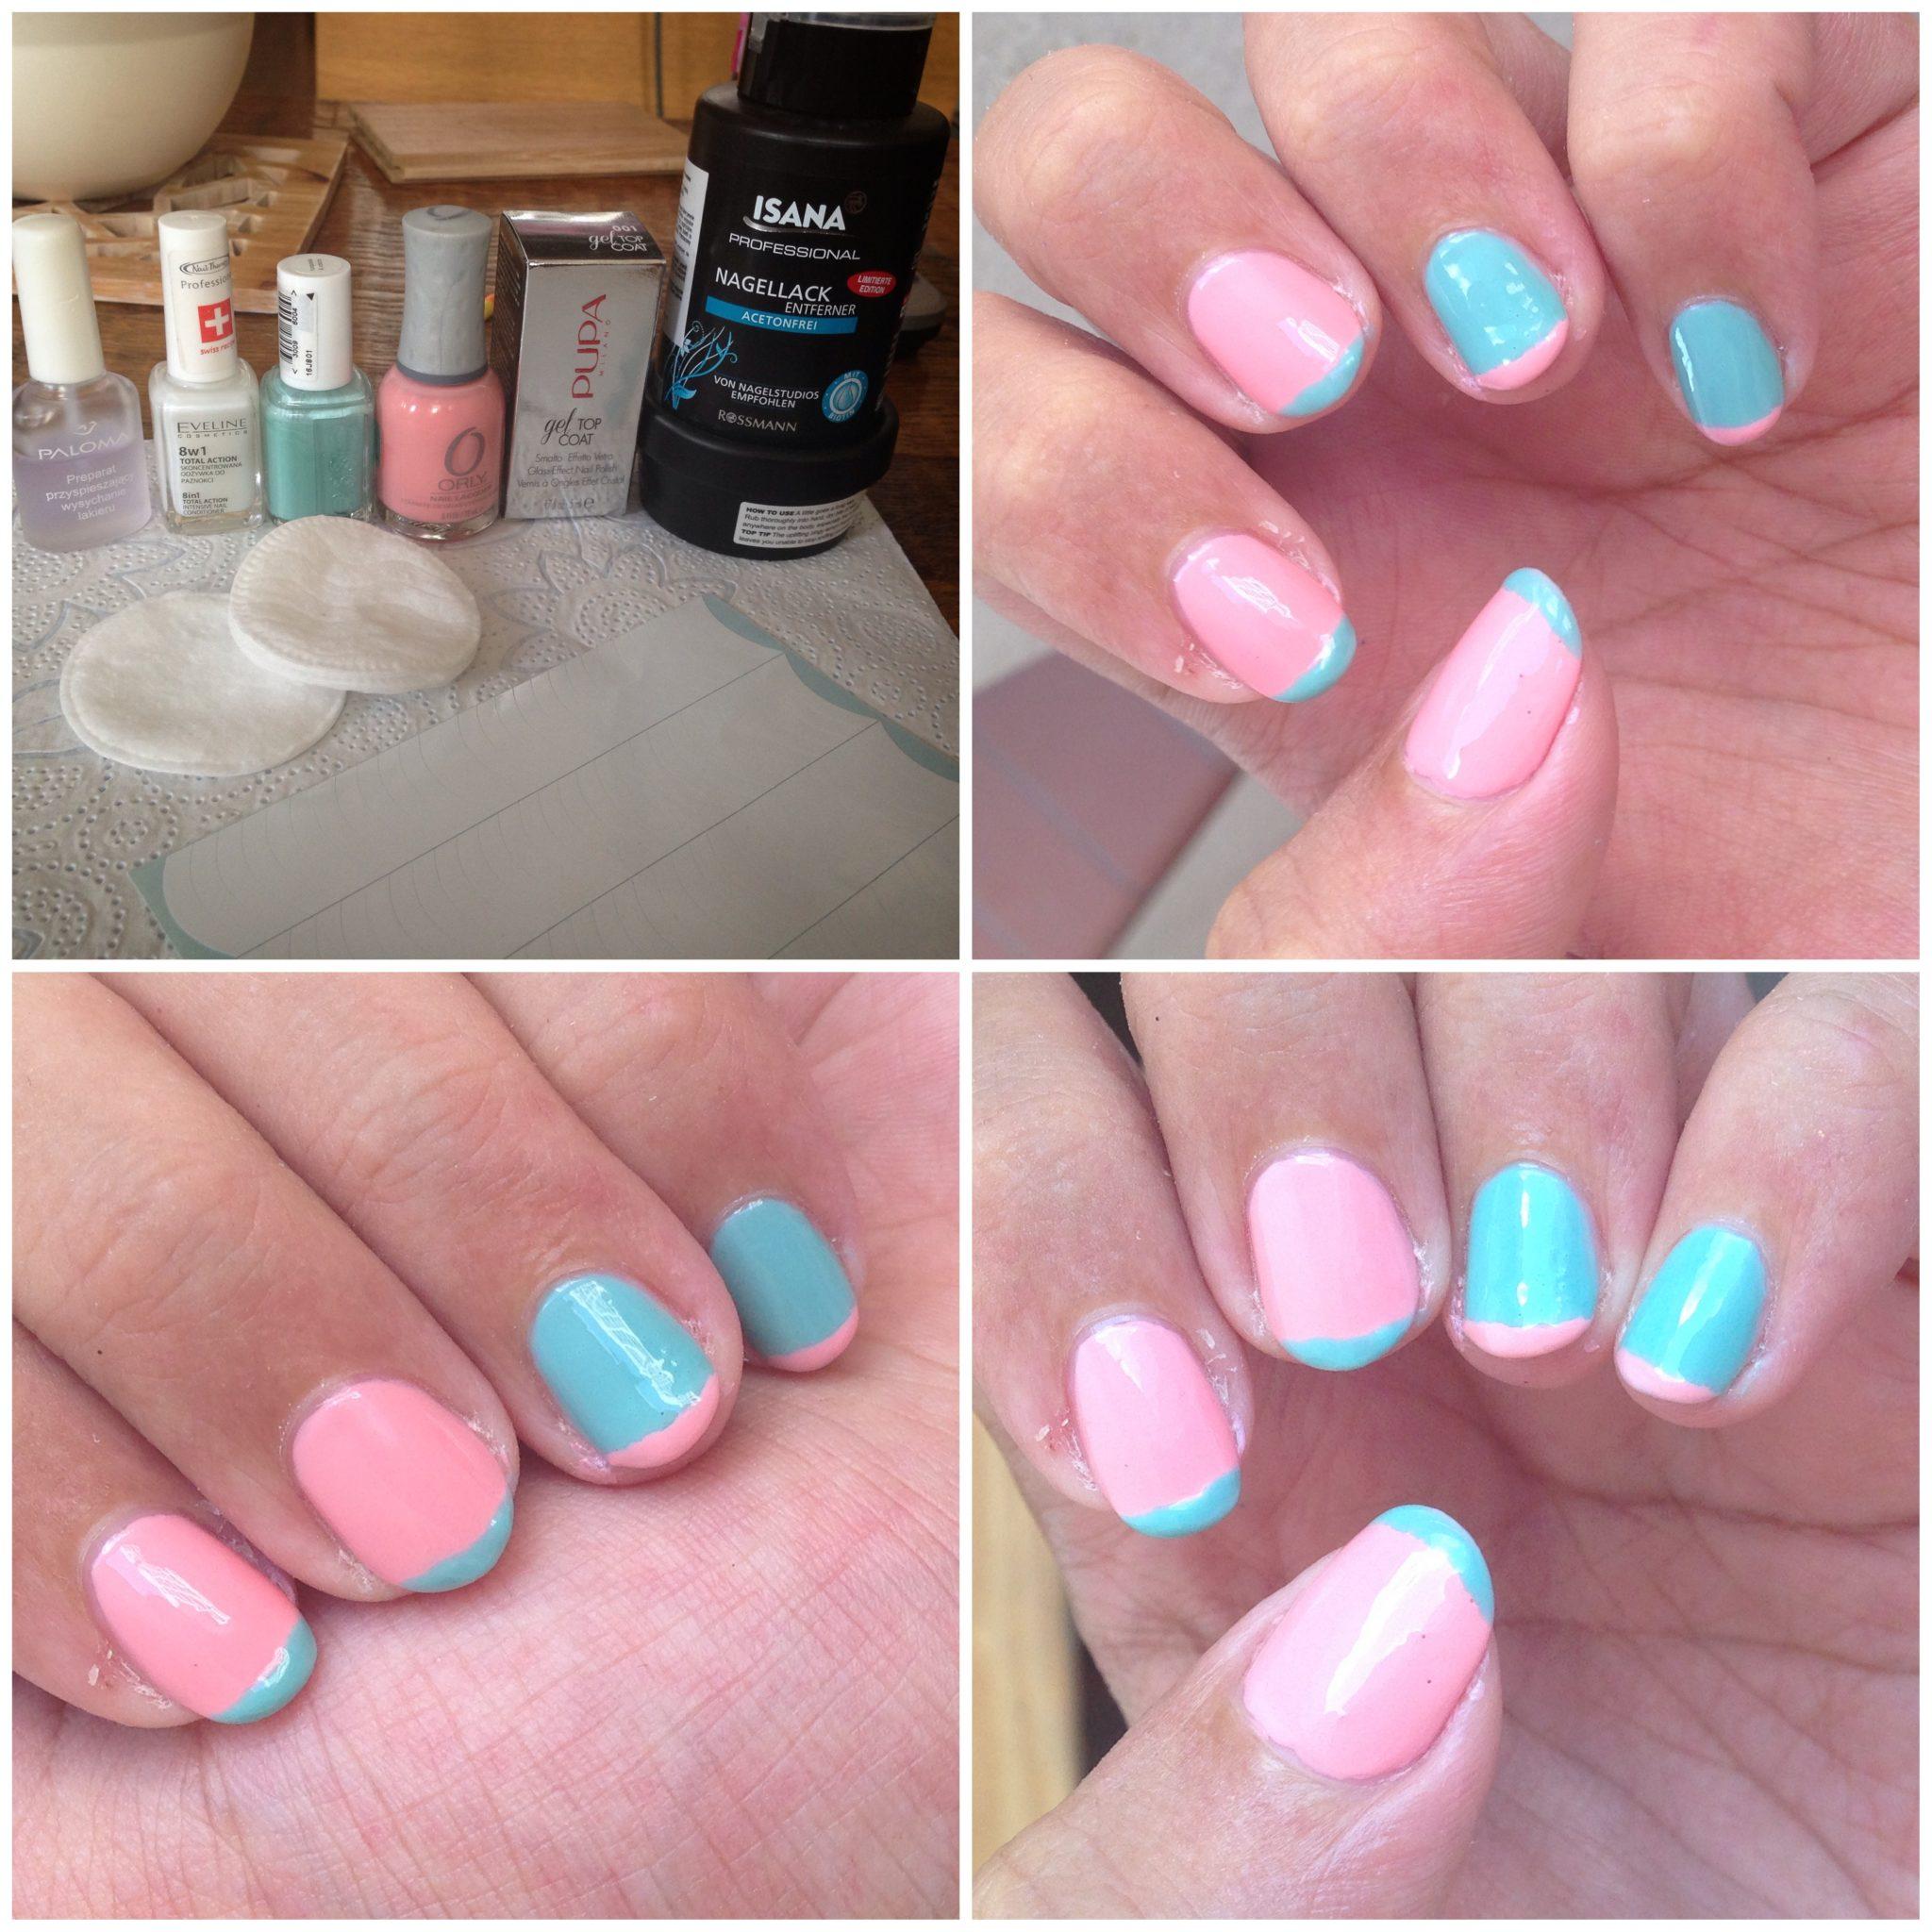 Letni manicure - kilka inspiracji pastelowy neonowy french